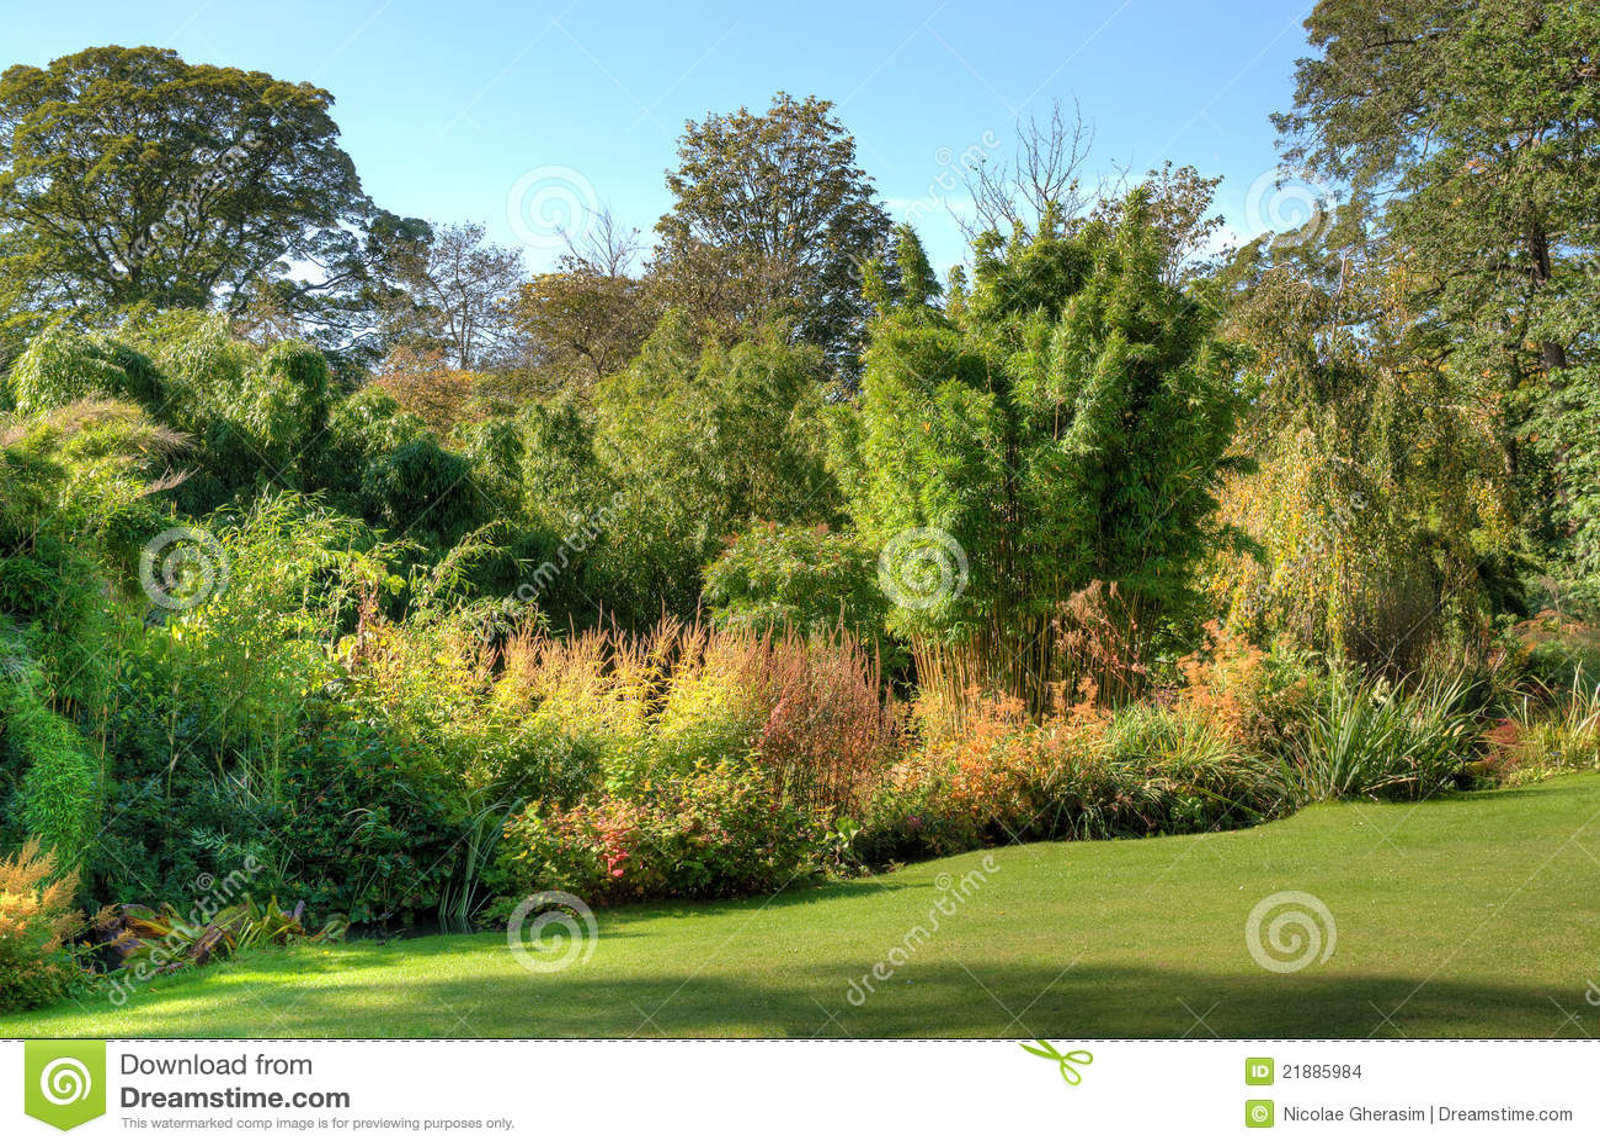 Piante e cespugli di giardino immagini stock immagine - Piante di giardino ...